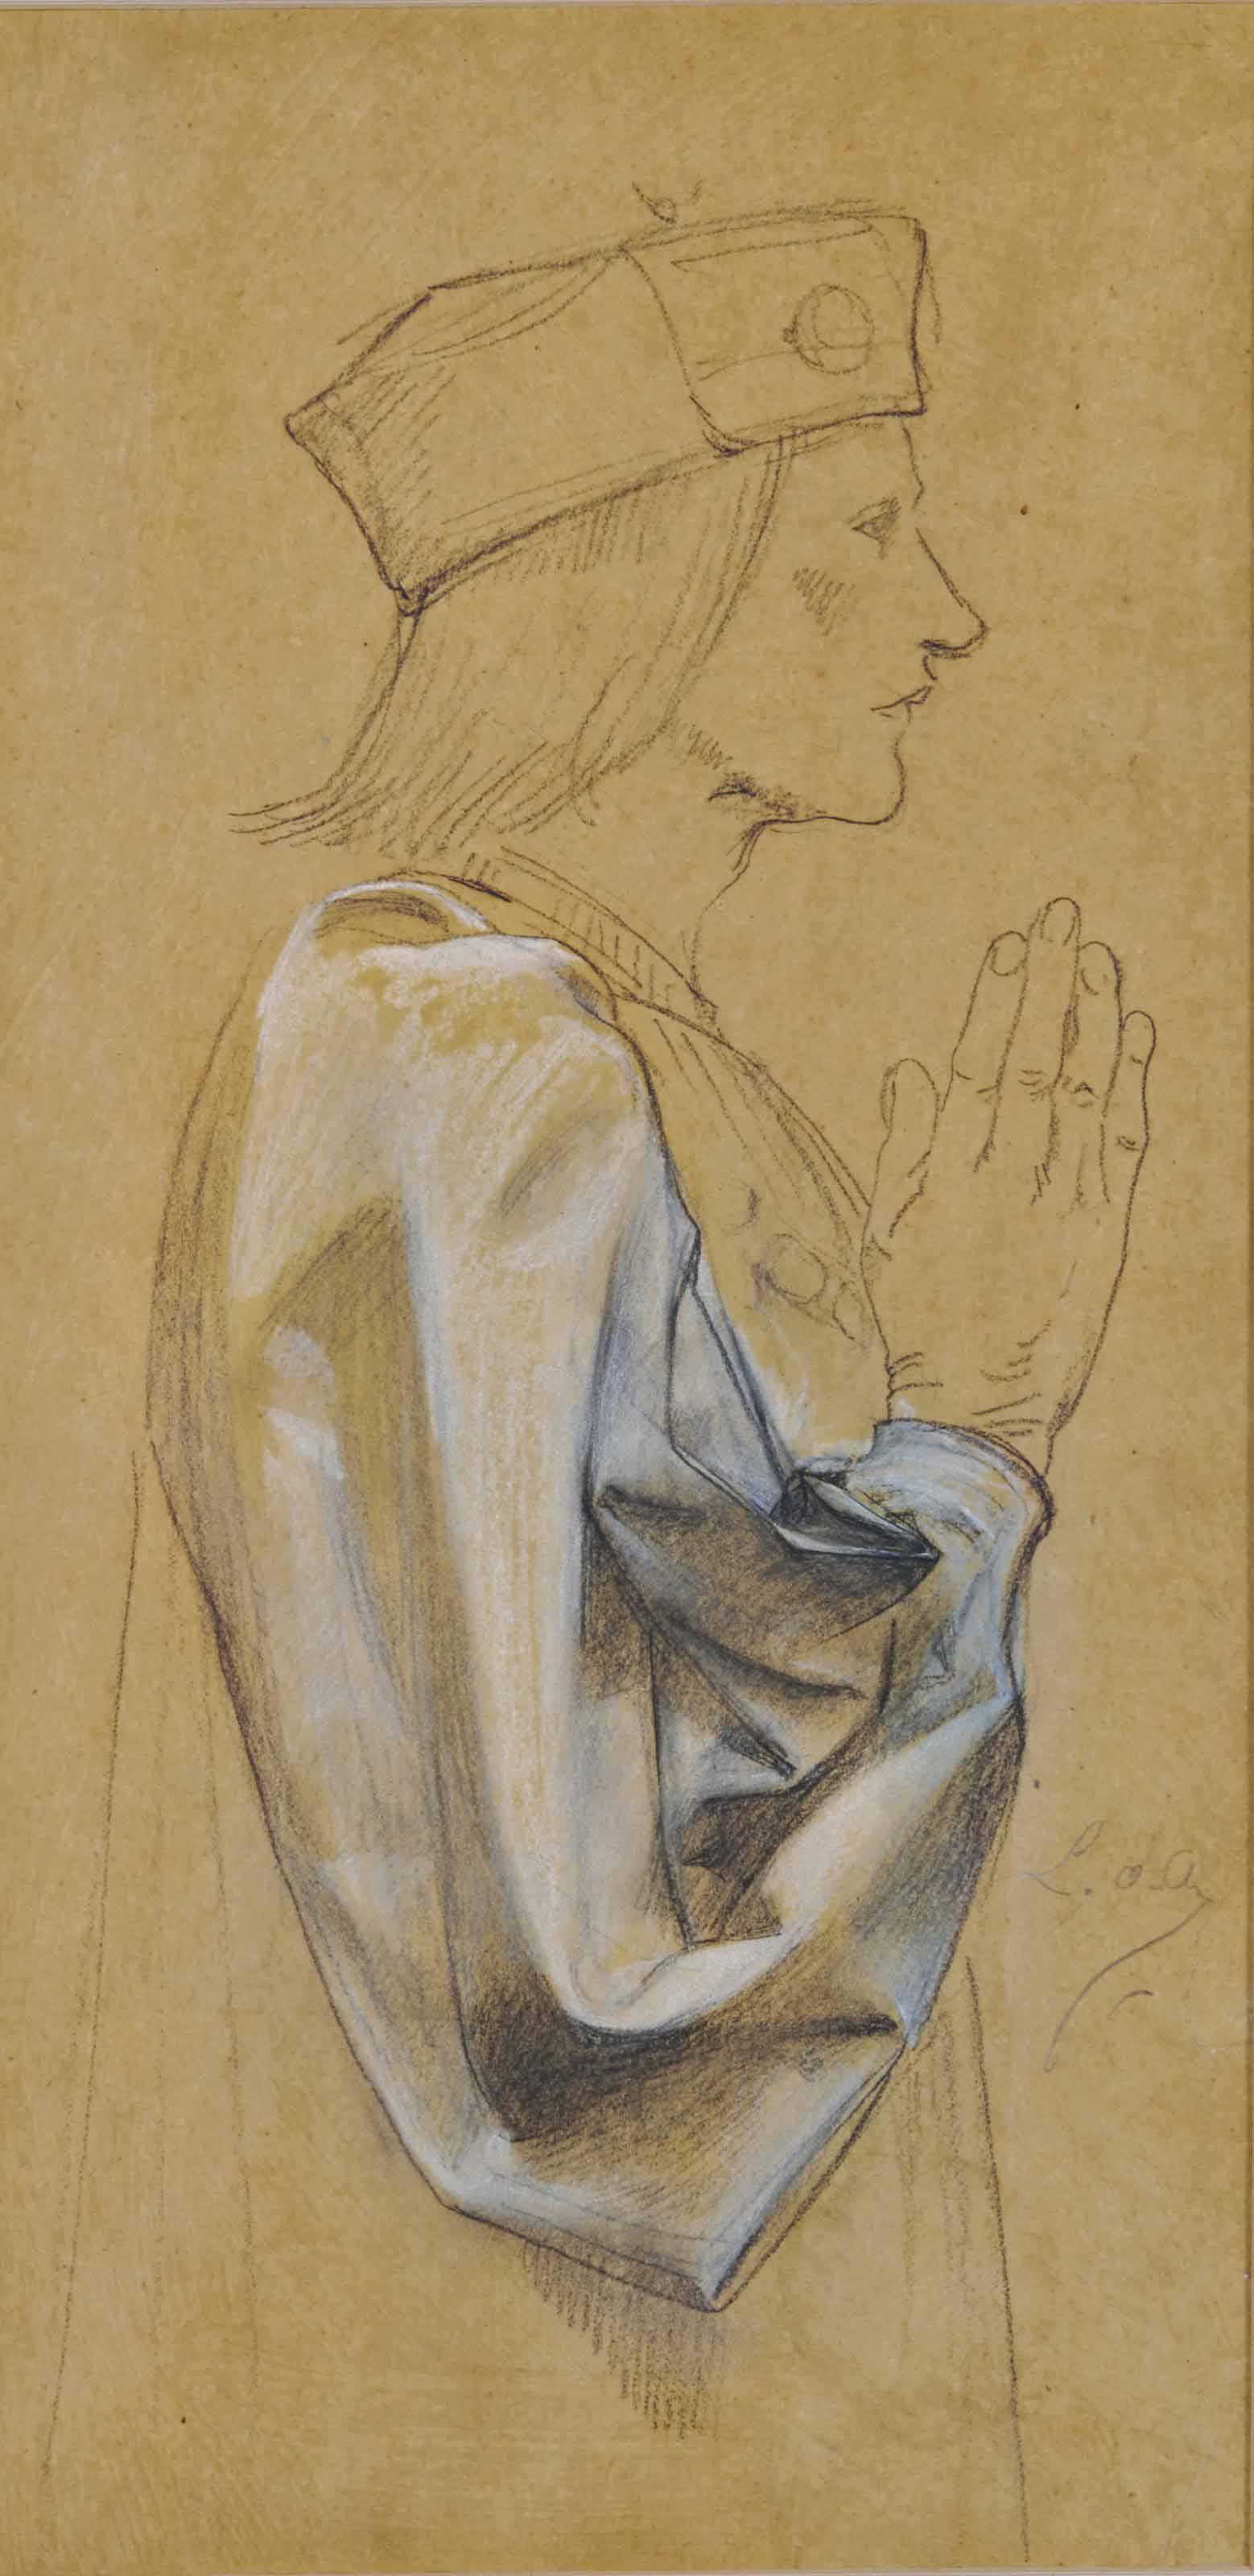 Homme de profil avec un détail de sa manche drapée; et Une scène de Macbeth